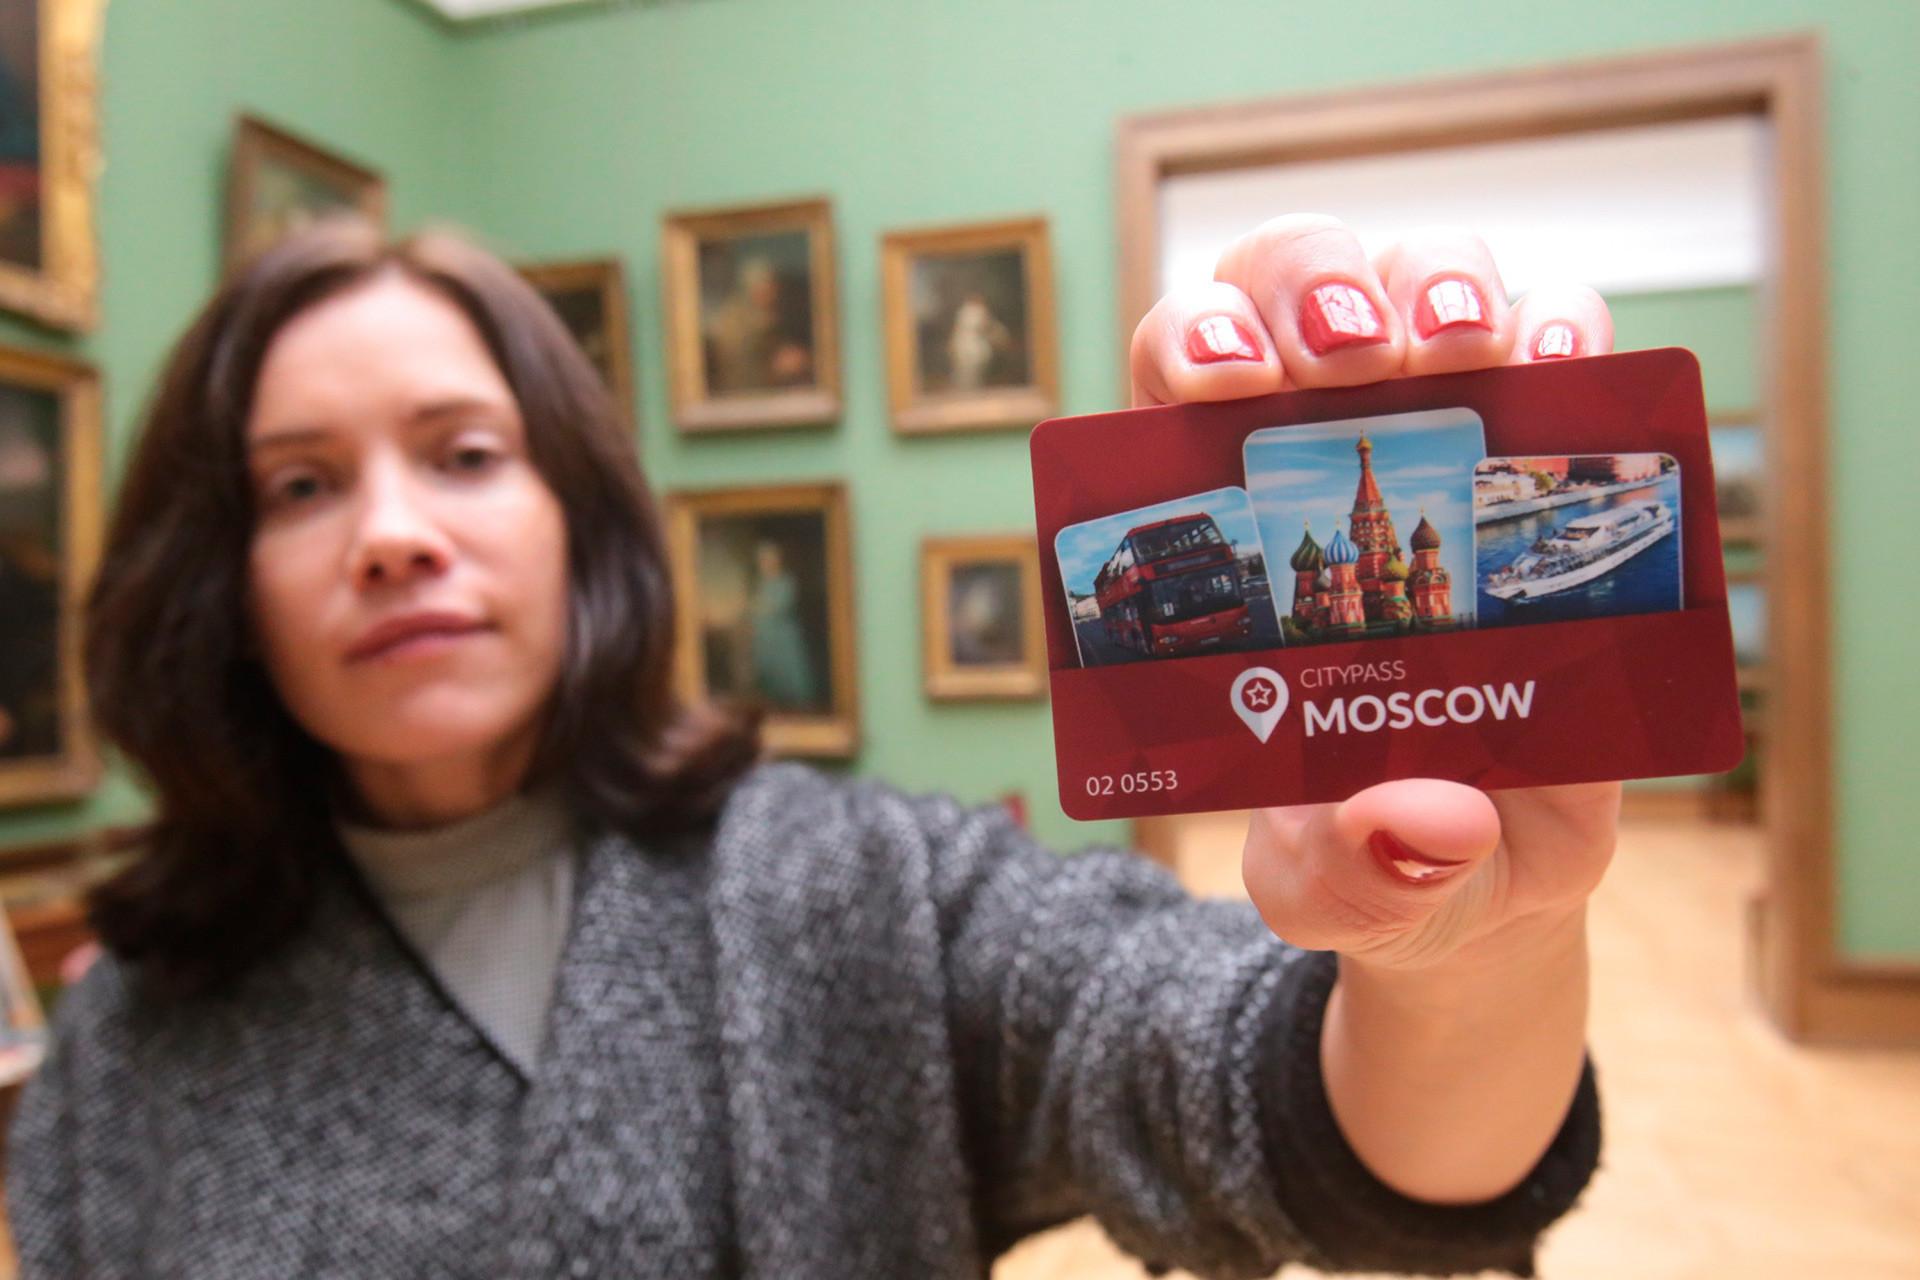 O passe turístico russo CityPass.